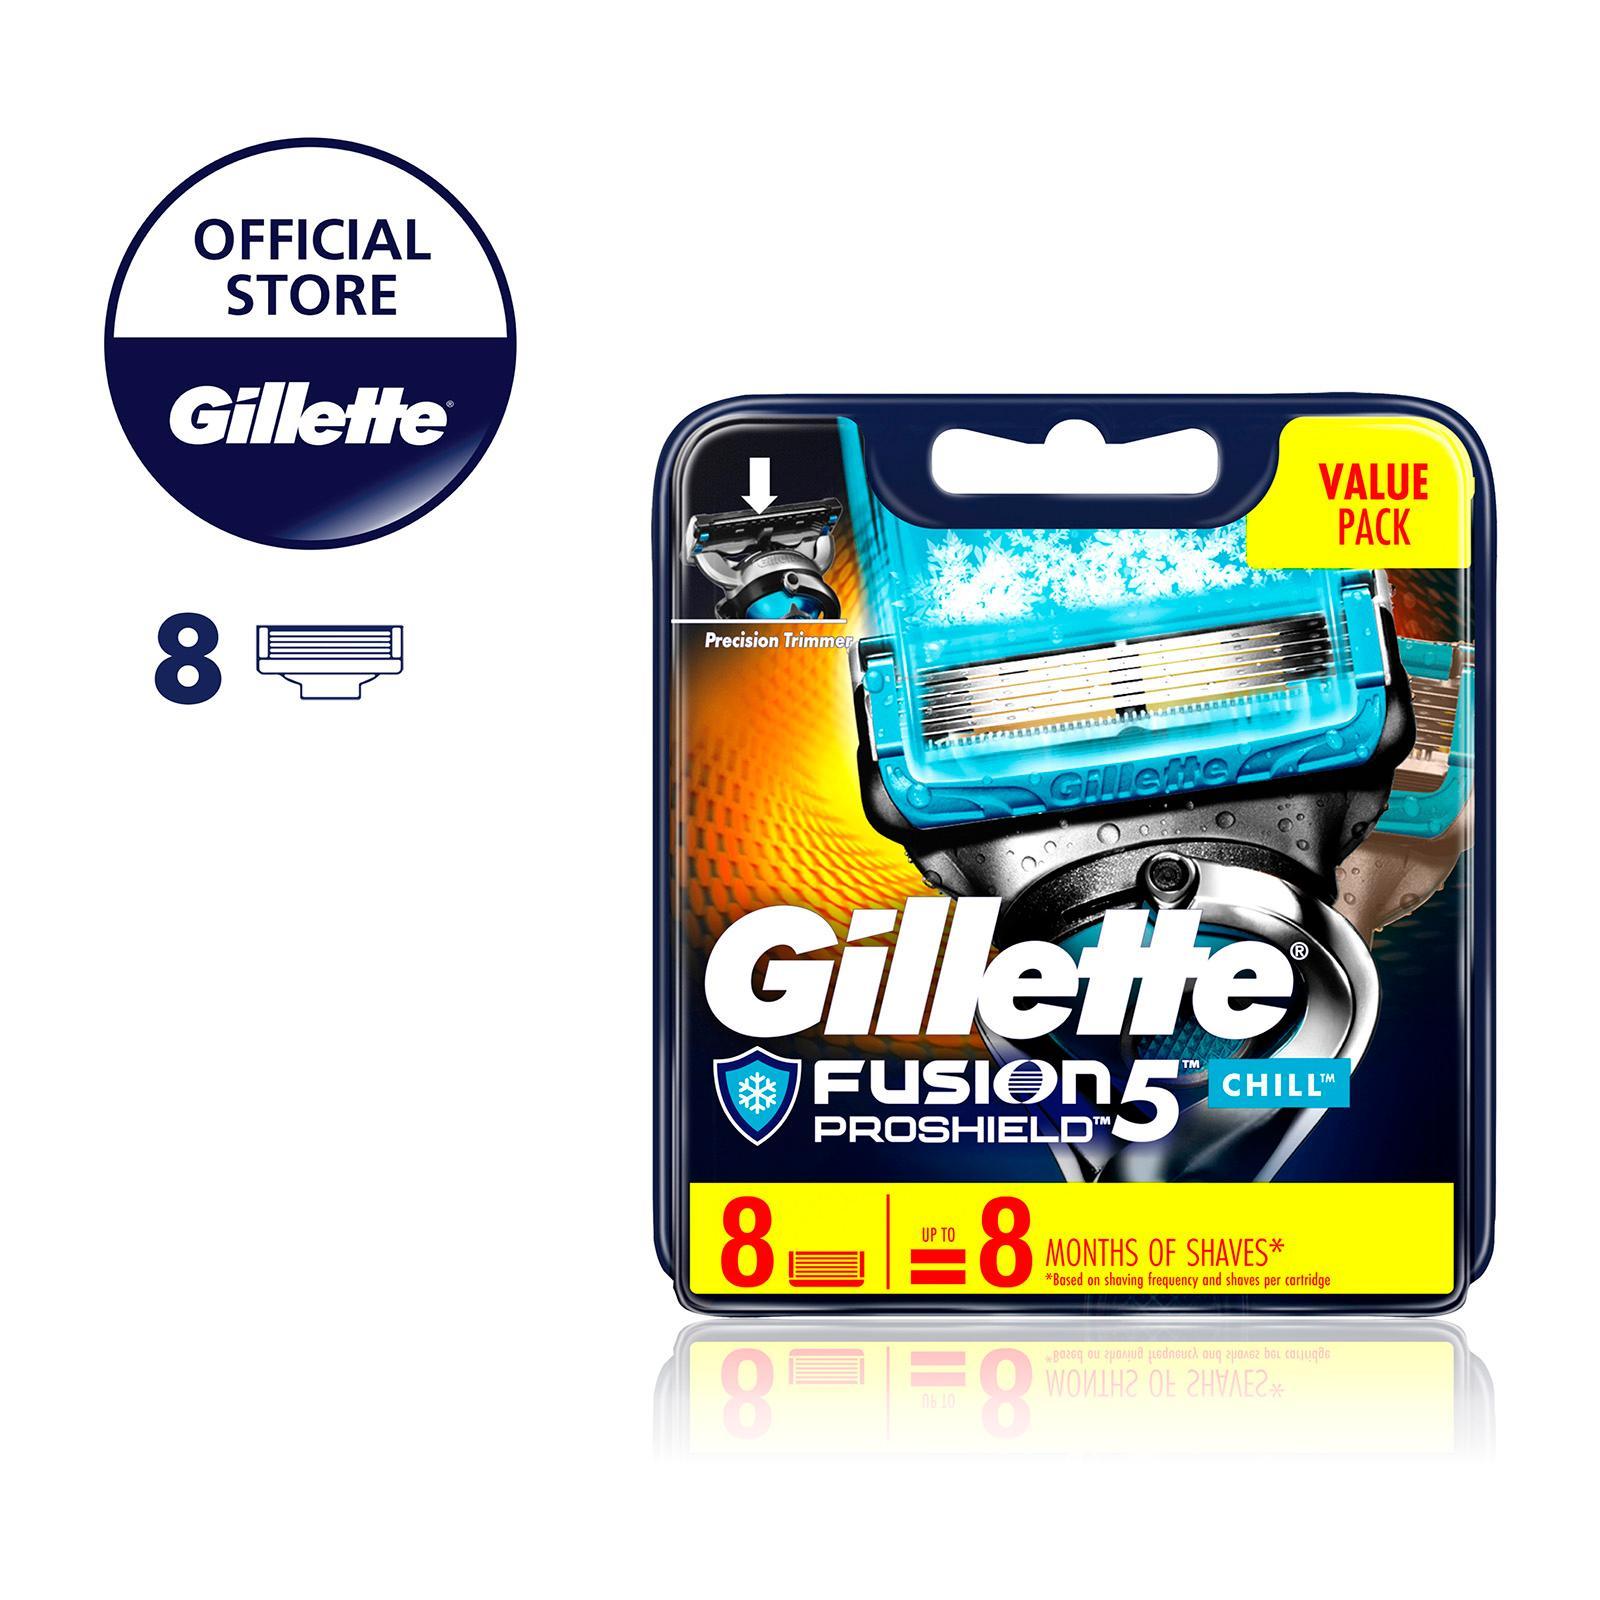 Gillette Fusion Proshield Chill Razor Cartridges Refill